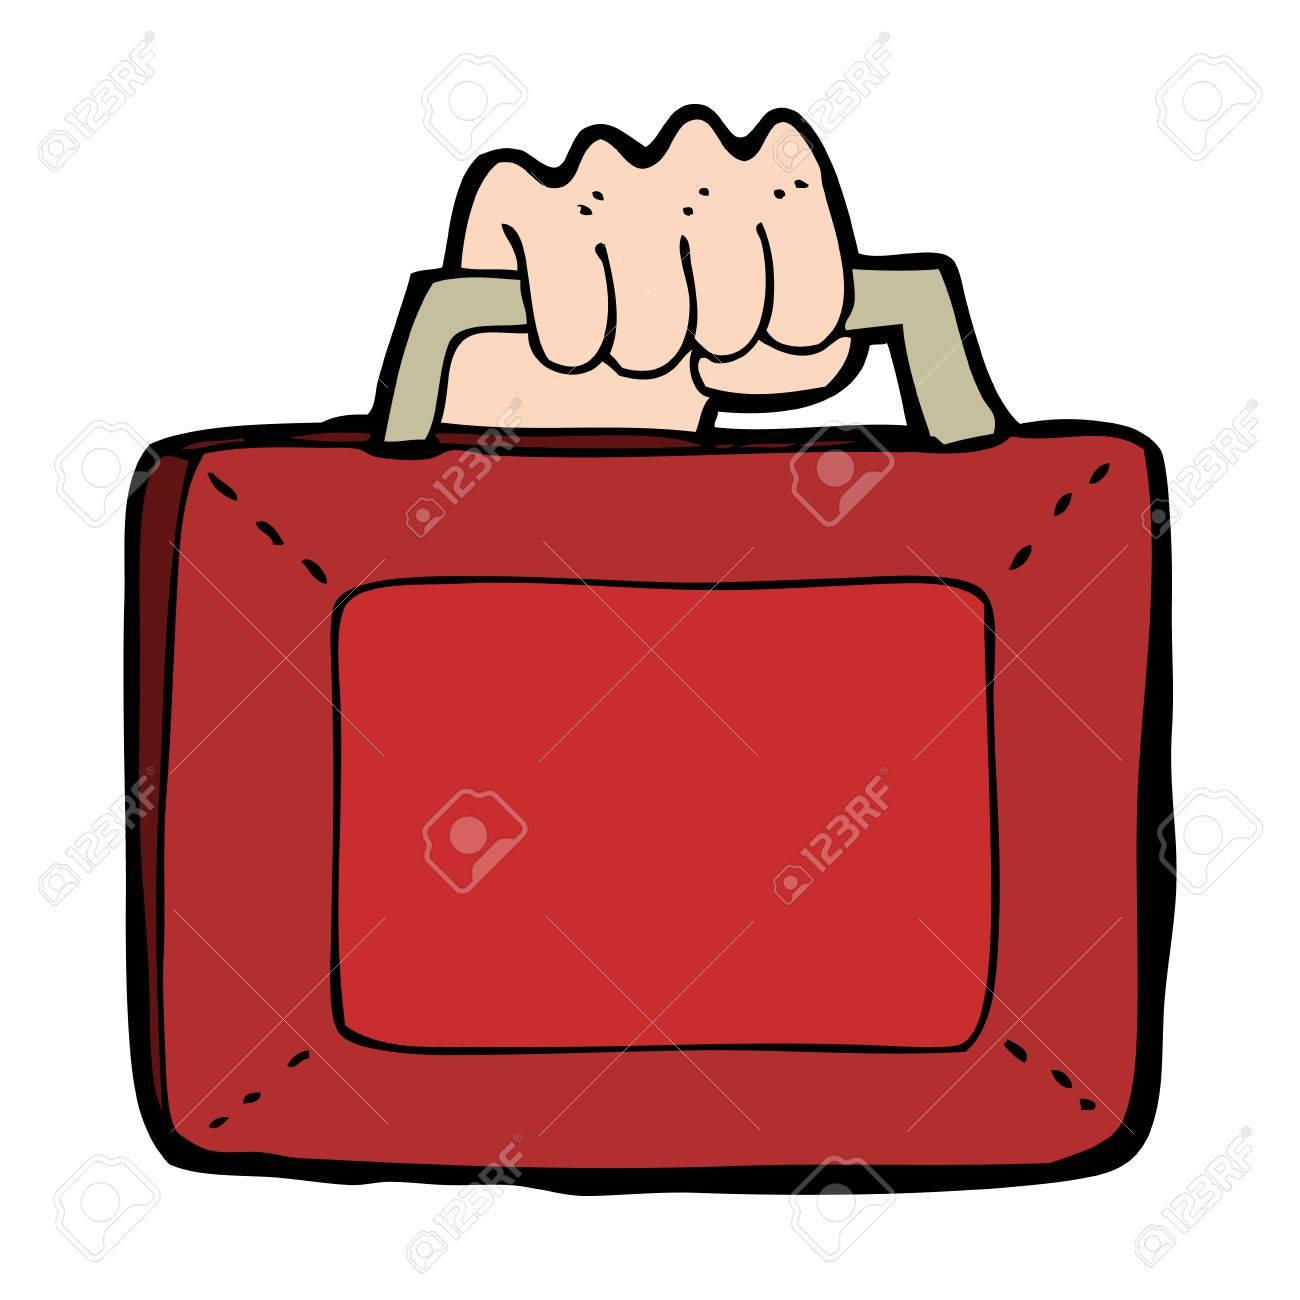 cartoon uk budget - 24799339